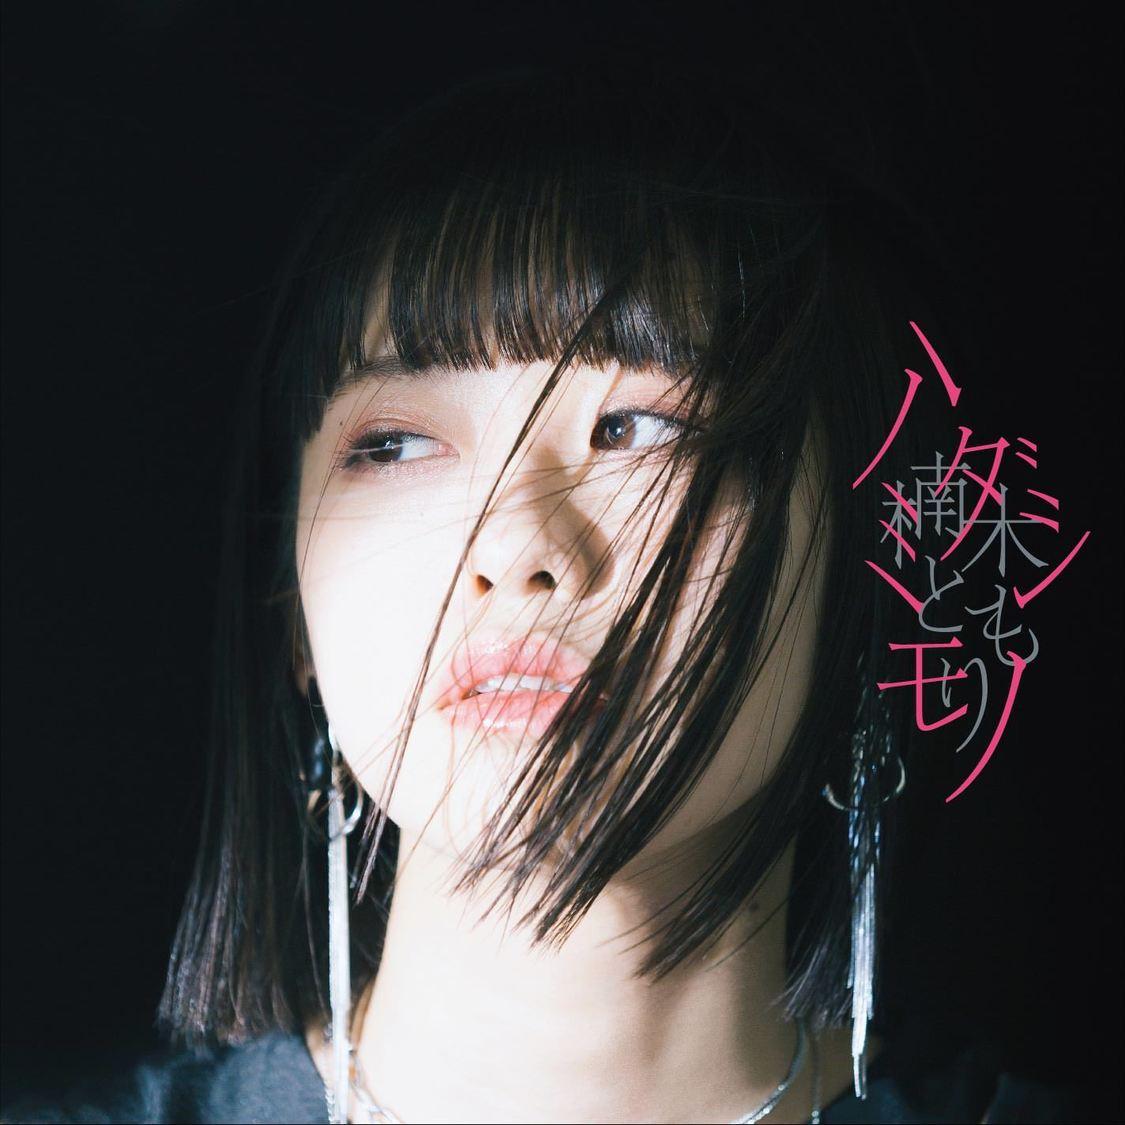 声優・楠木ともり、ソロメジャーデビュー楽曲初解禁+ジャケット写真&特典情報を公開!